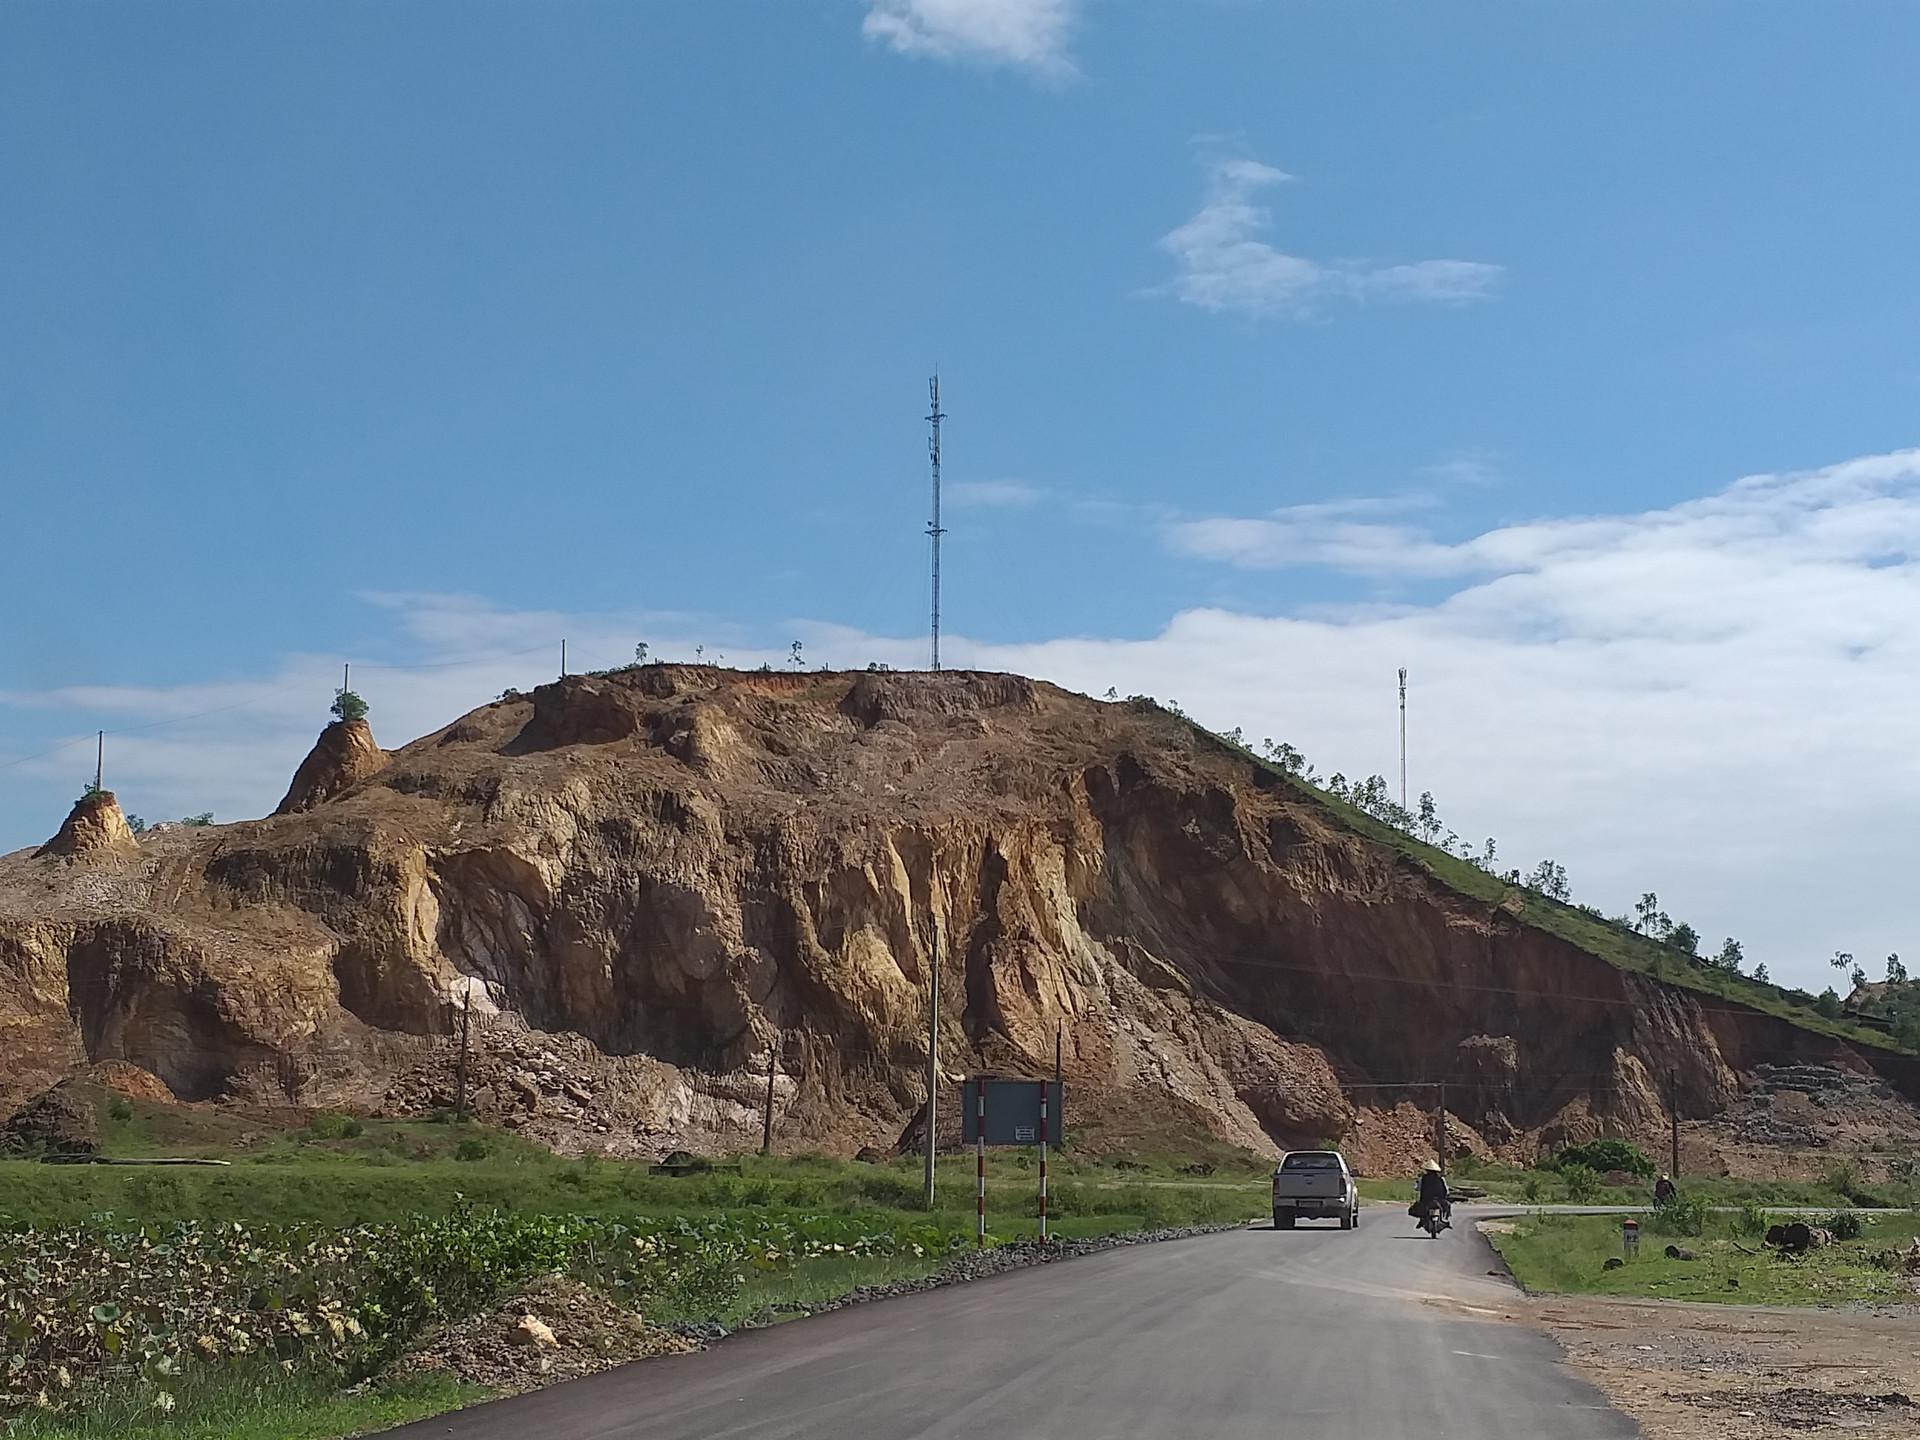 Huyện Nam Đàn, Nghệ An: Doanh nghiệp chậm hoàn nguyên sau khai thác khoáng sản